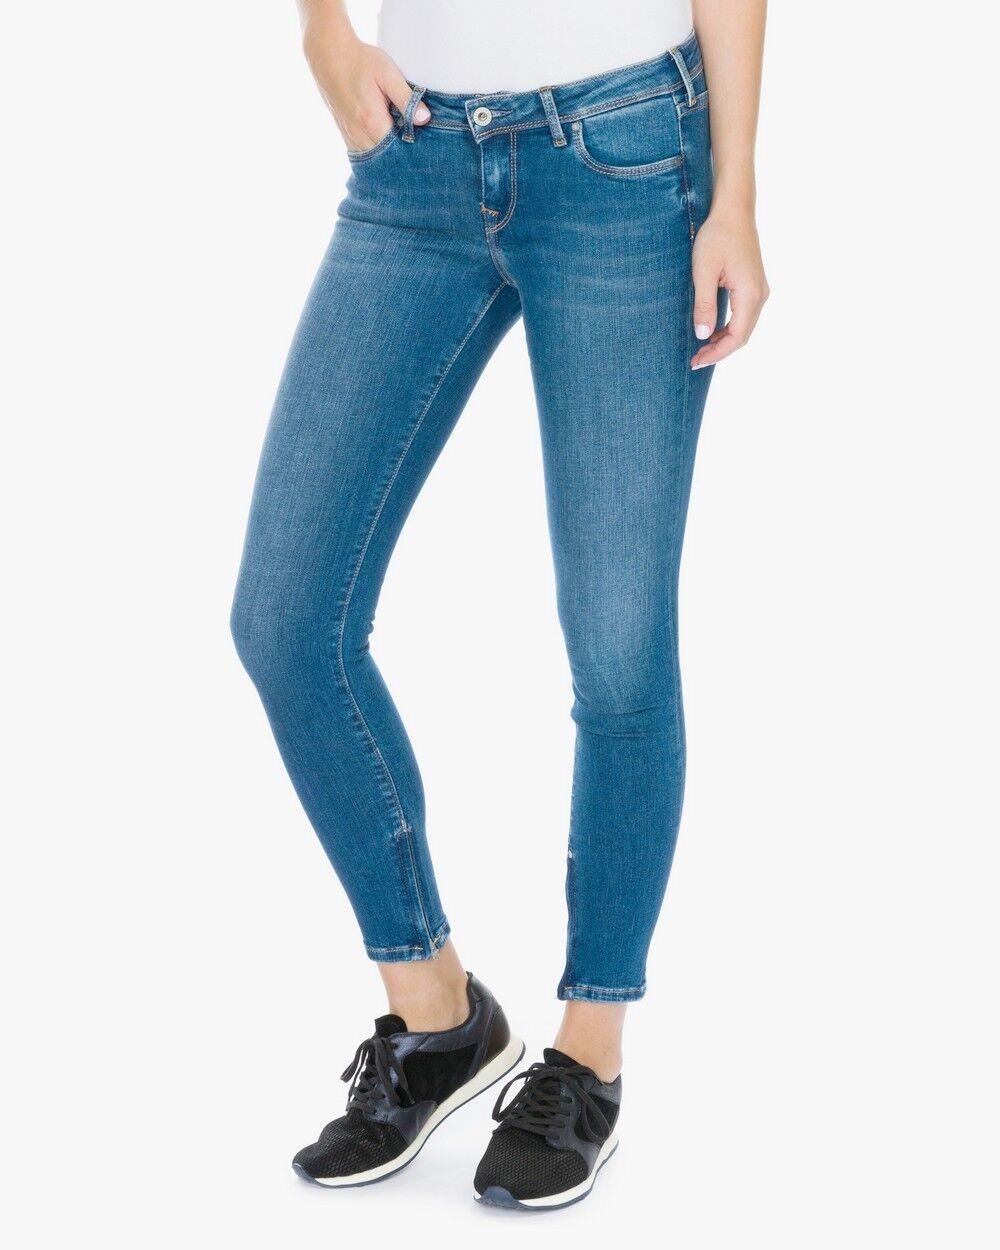 Pepe Jeans London Cher Skinny W25 L28 NEU Blau Used Damen Hose Stretch Denim